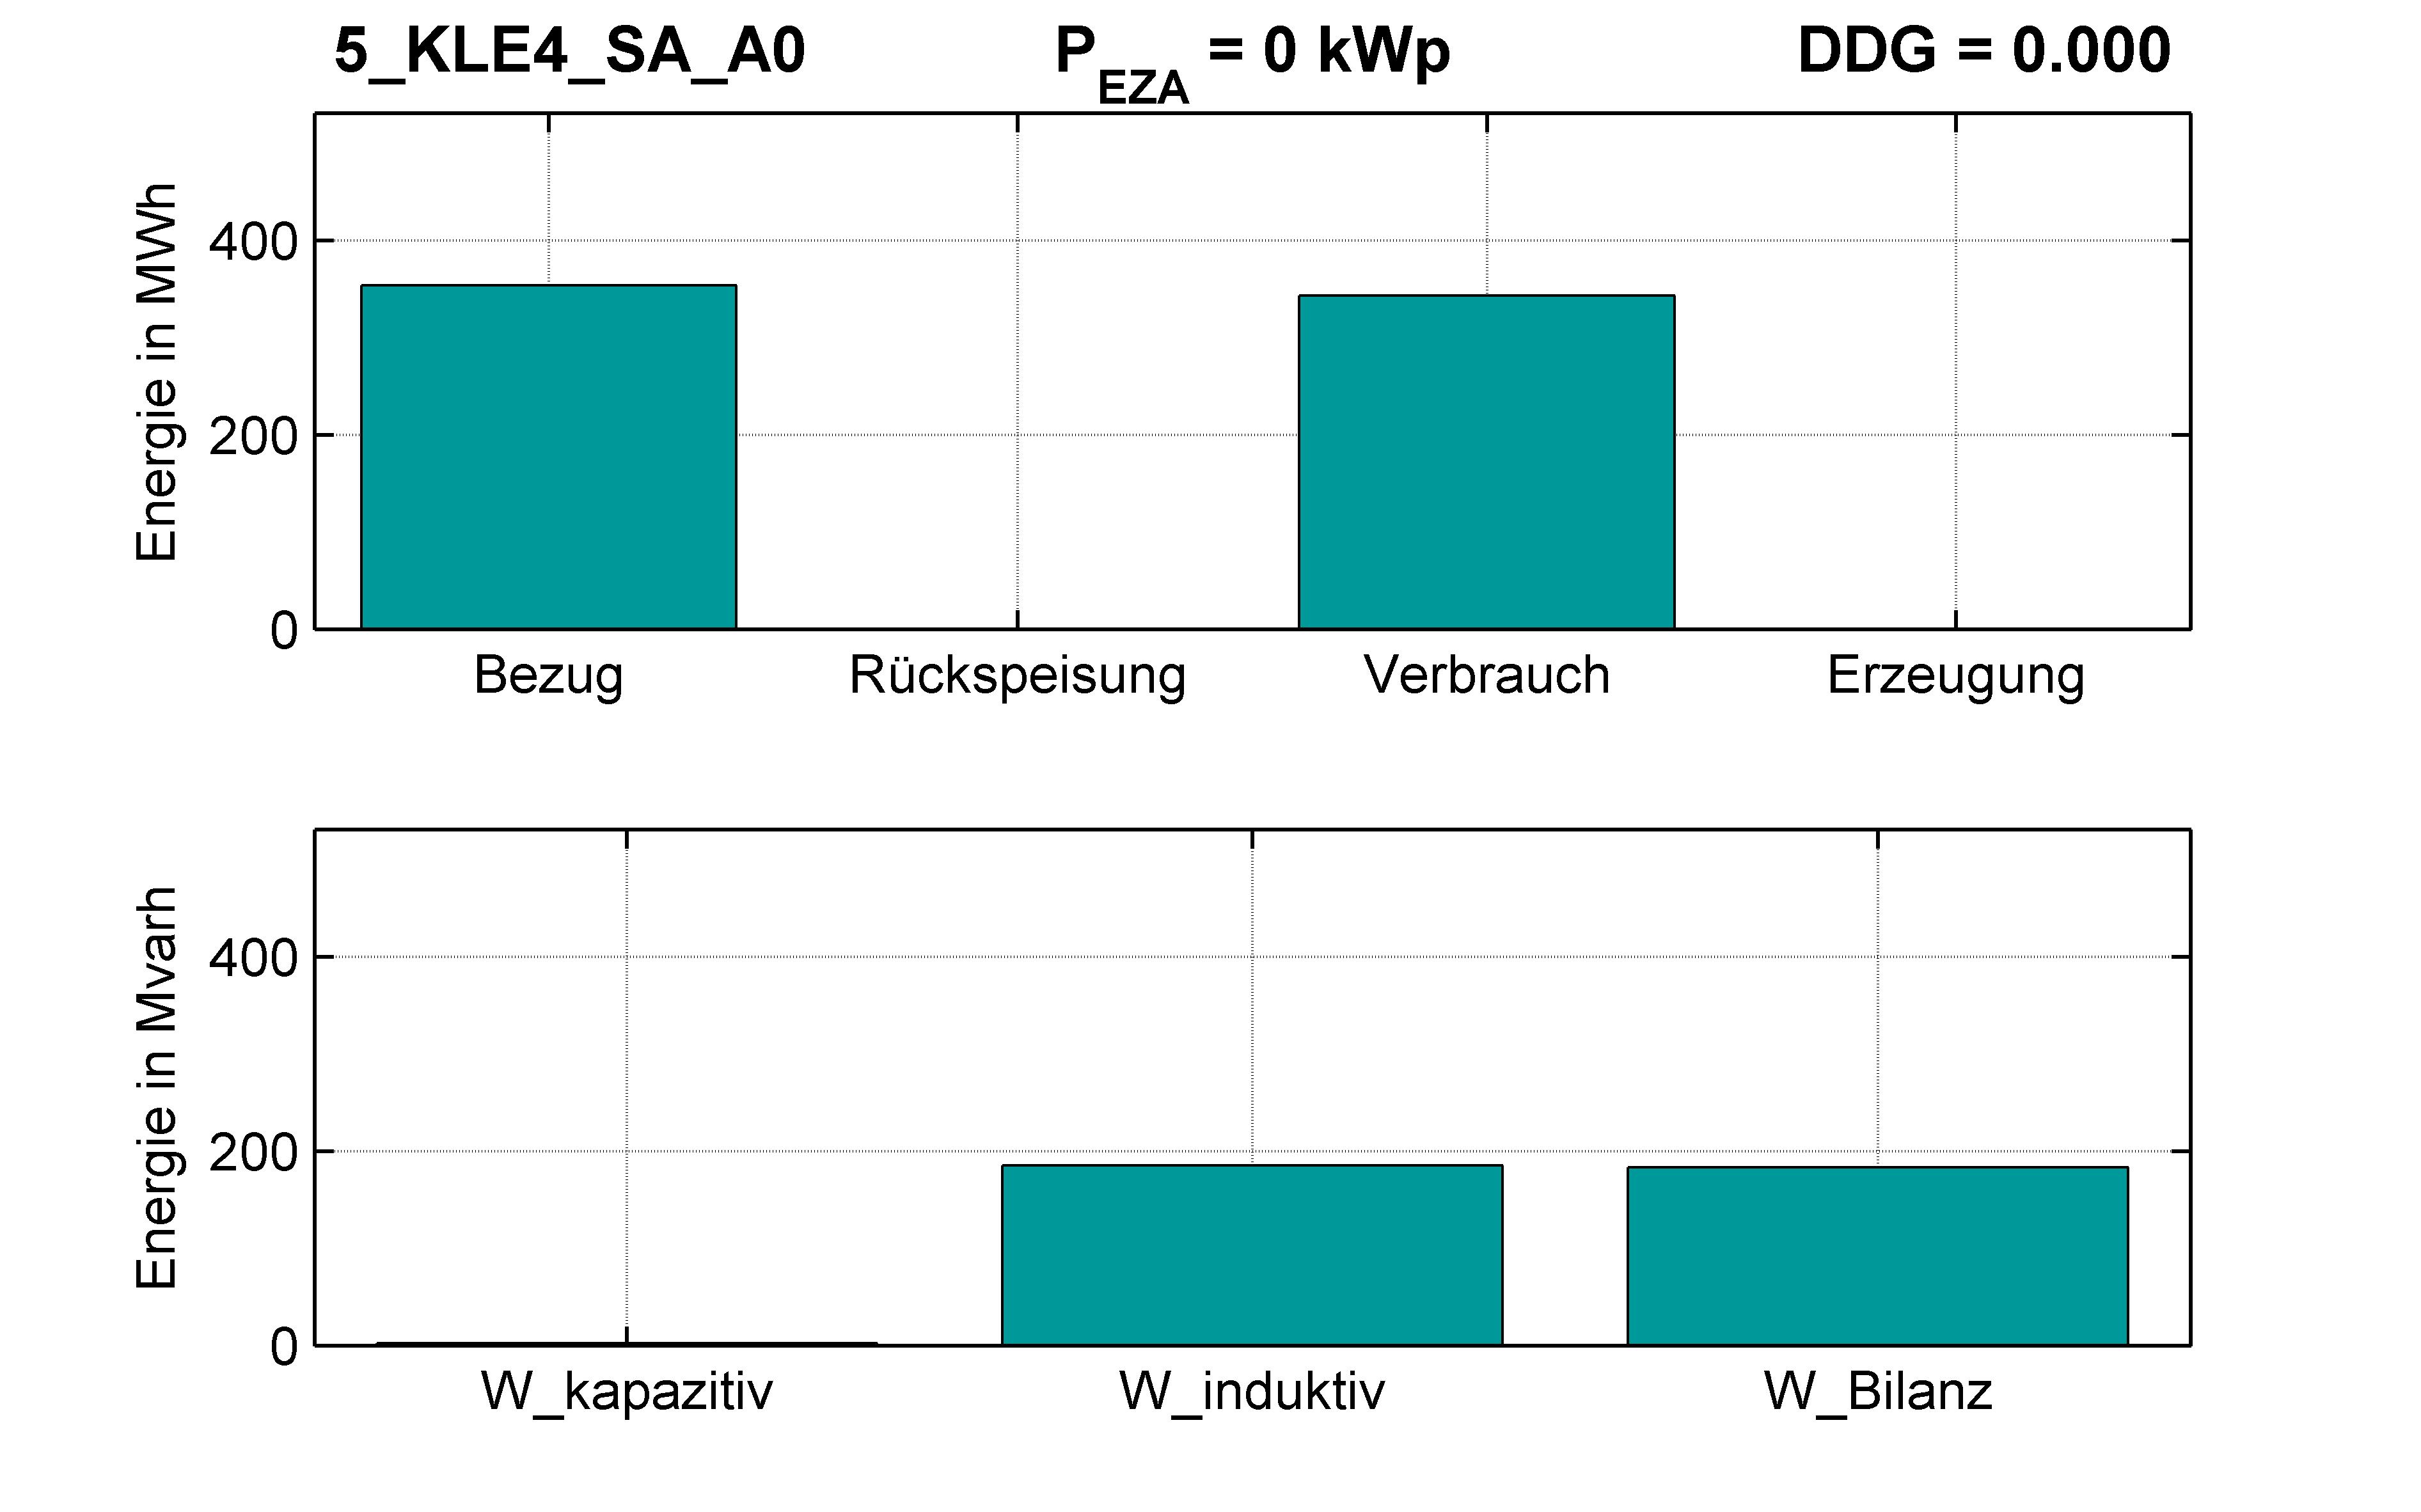 KLE4 | STATION (SA) A0 | PQ-Bilanz